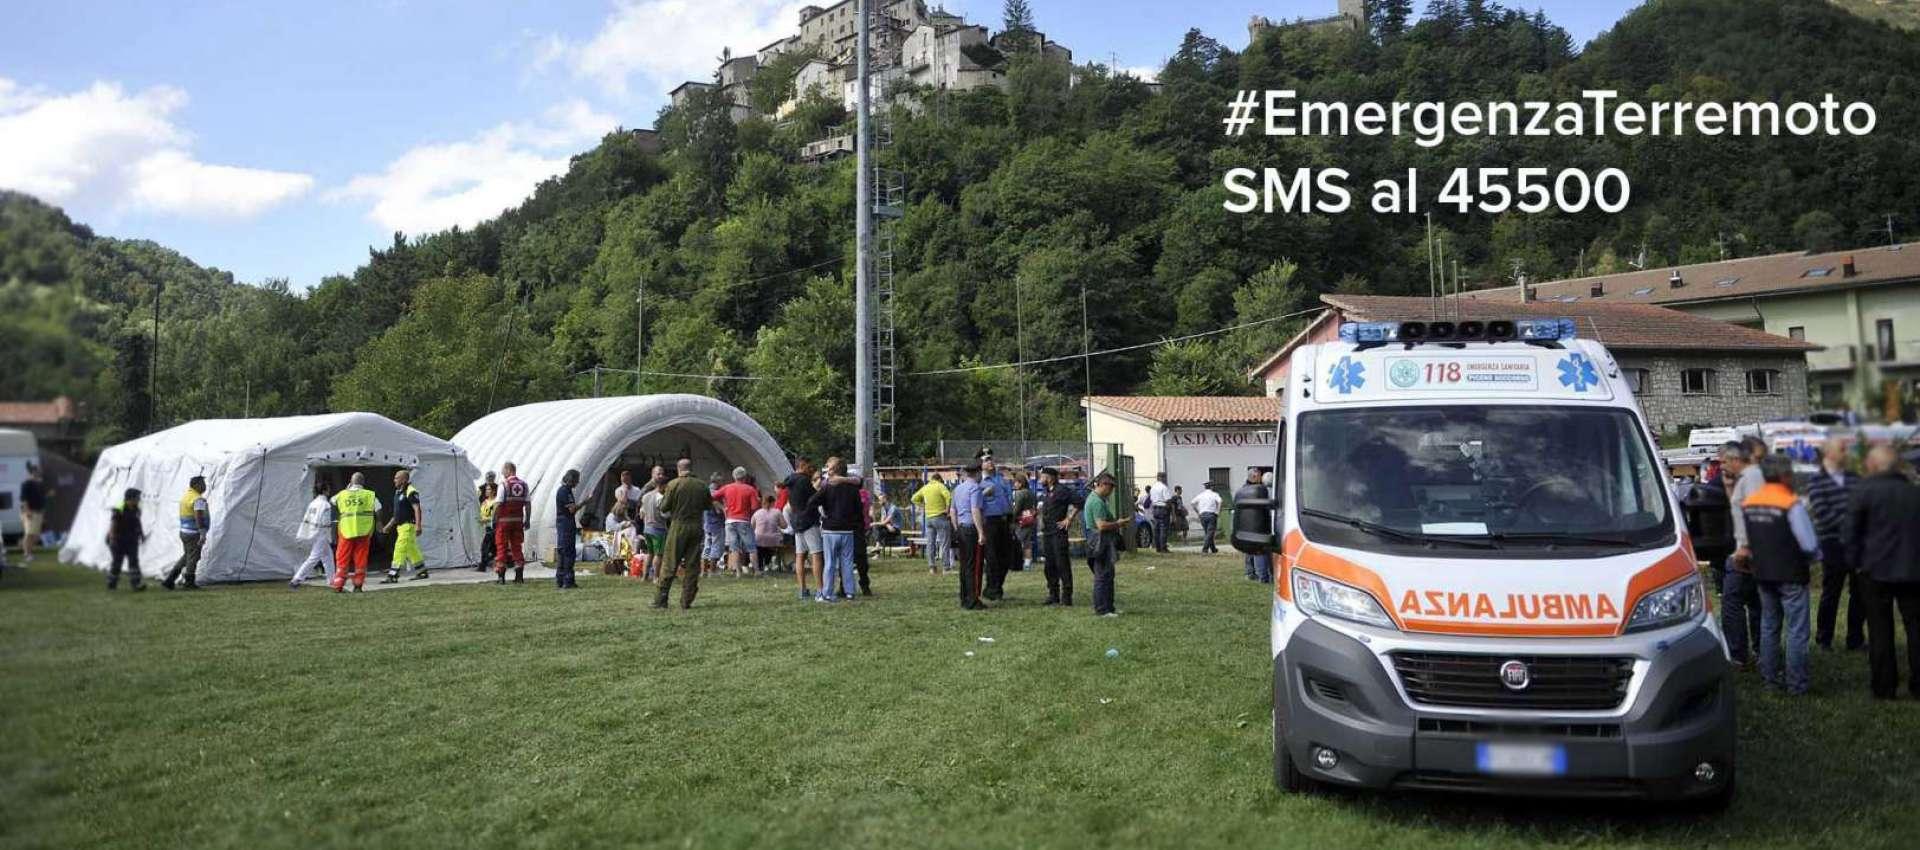 Emergenza Terremoto Lazio Marche